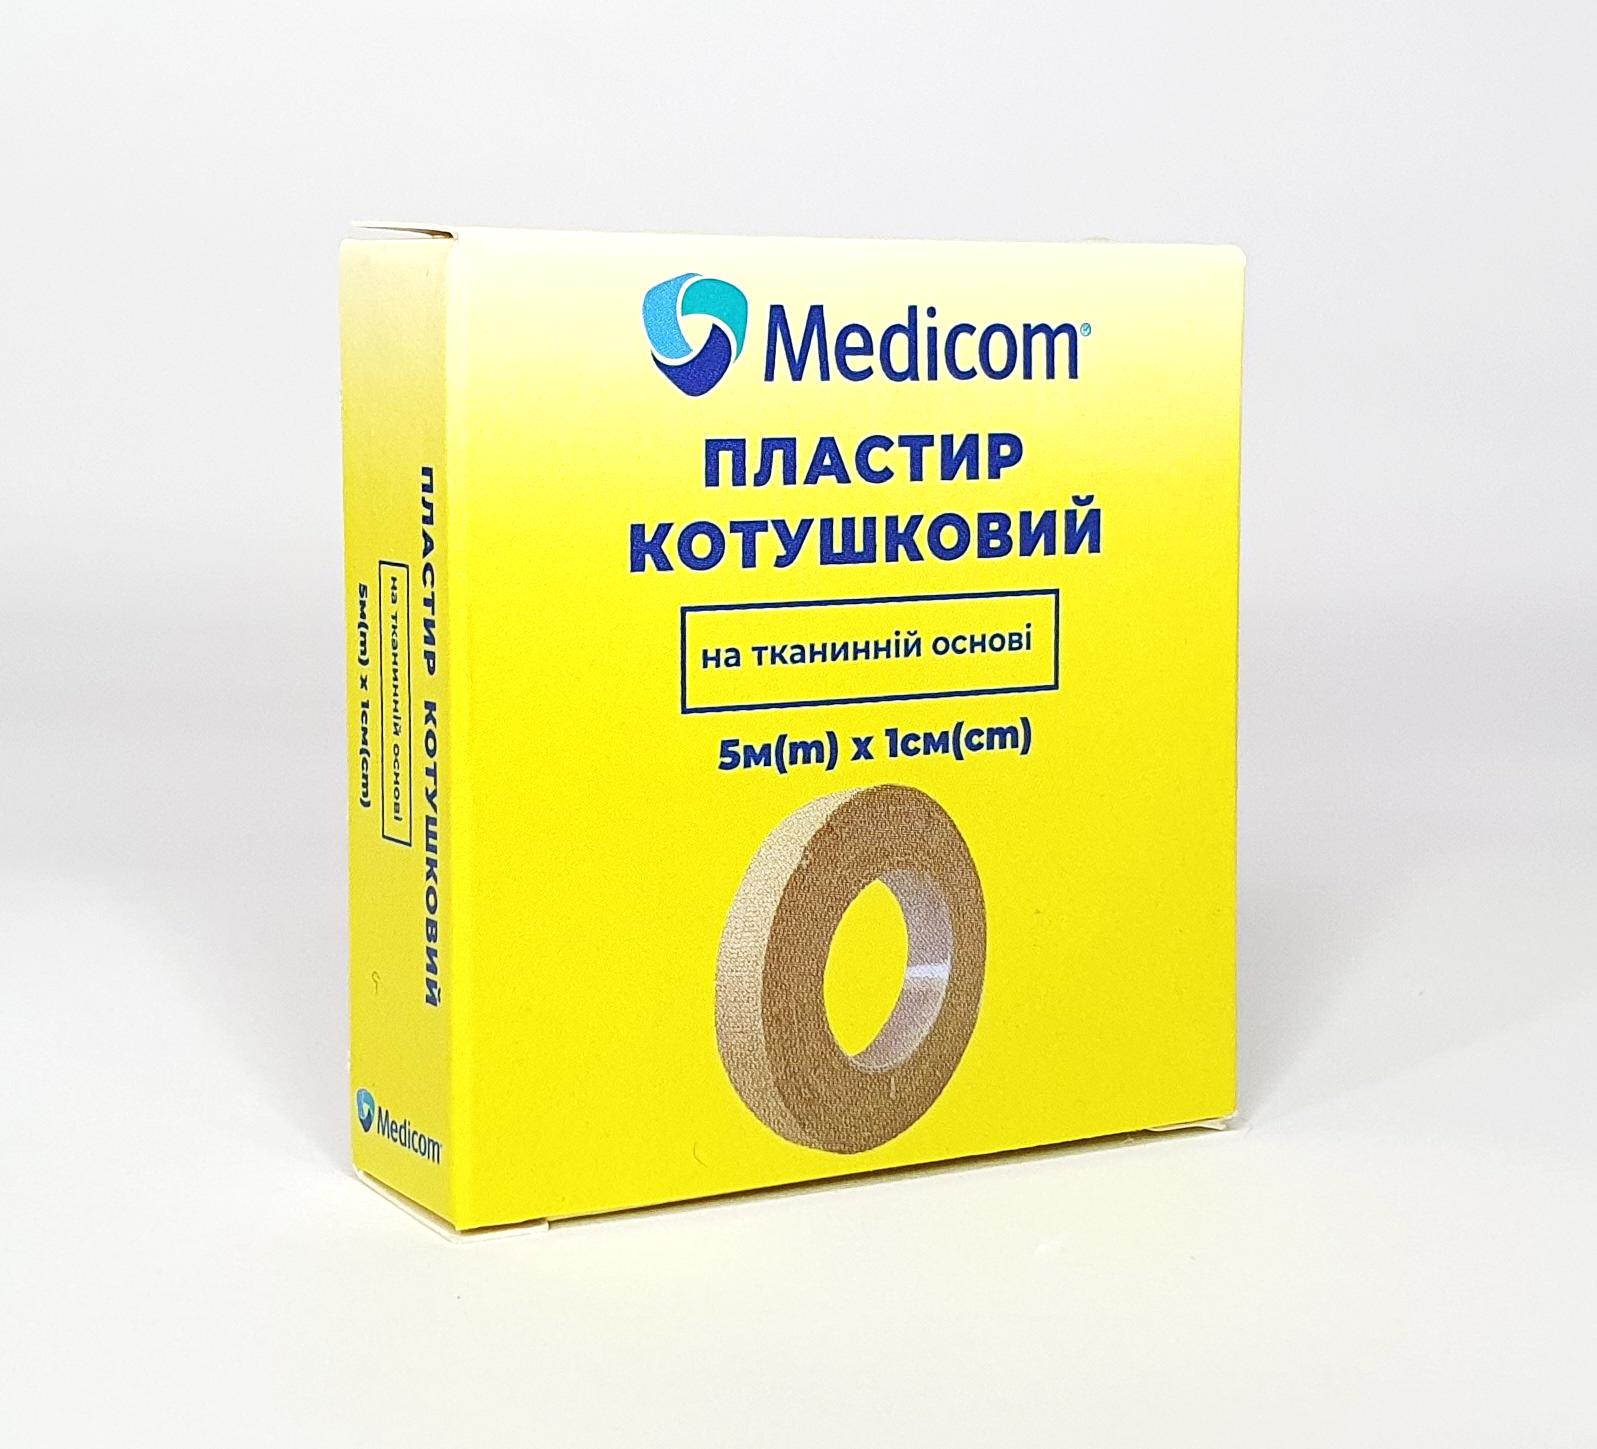 Артикул 3151mc. Пластир медичний котушковий MEDICOM® на тканинній основі,  5м*1см